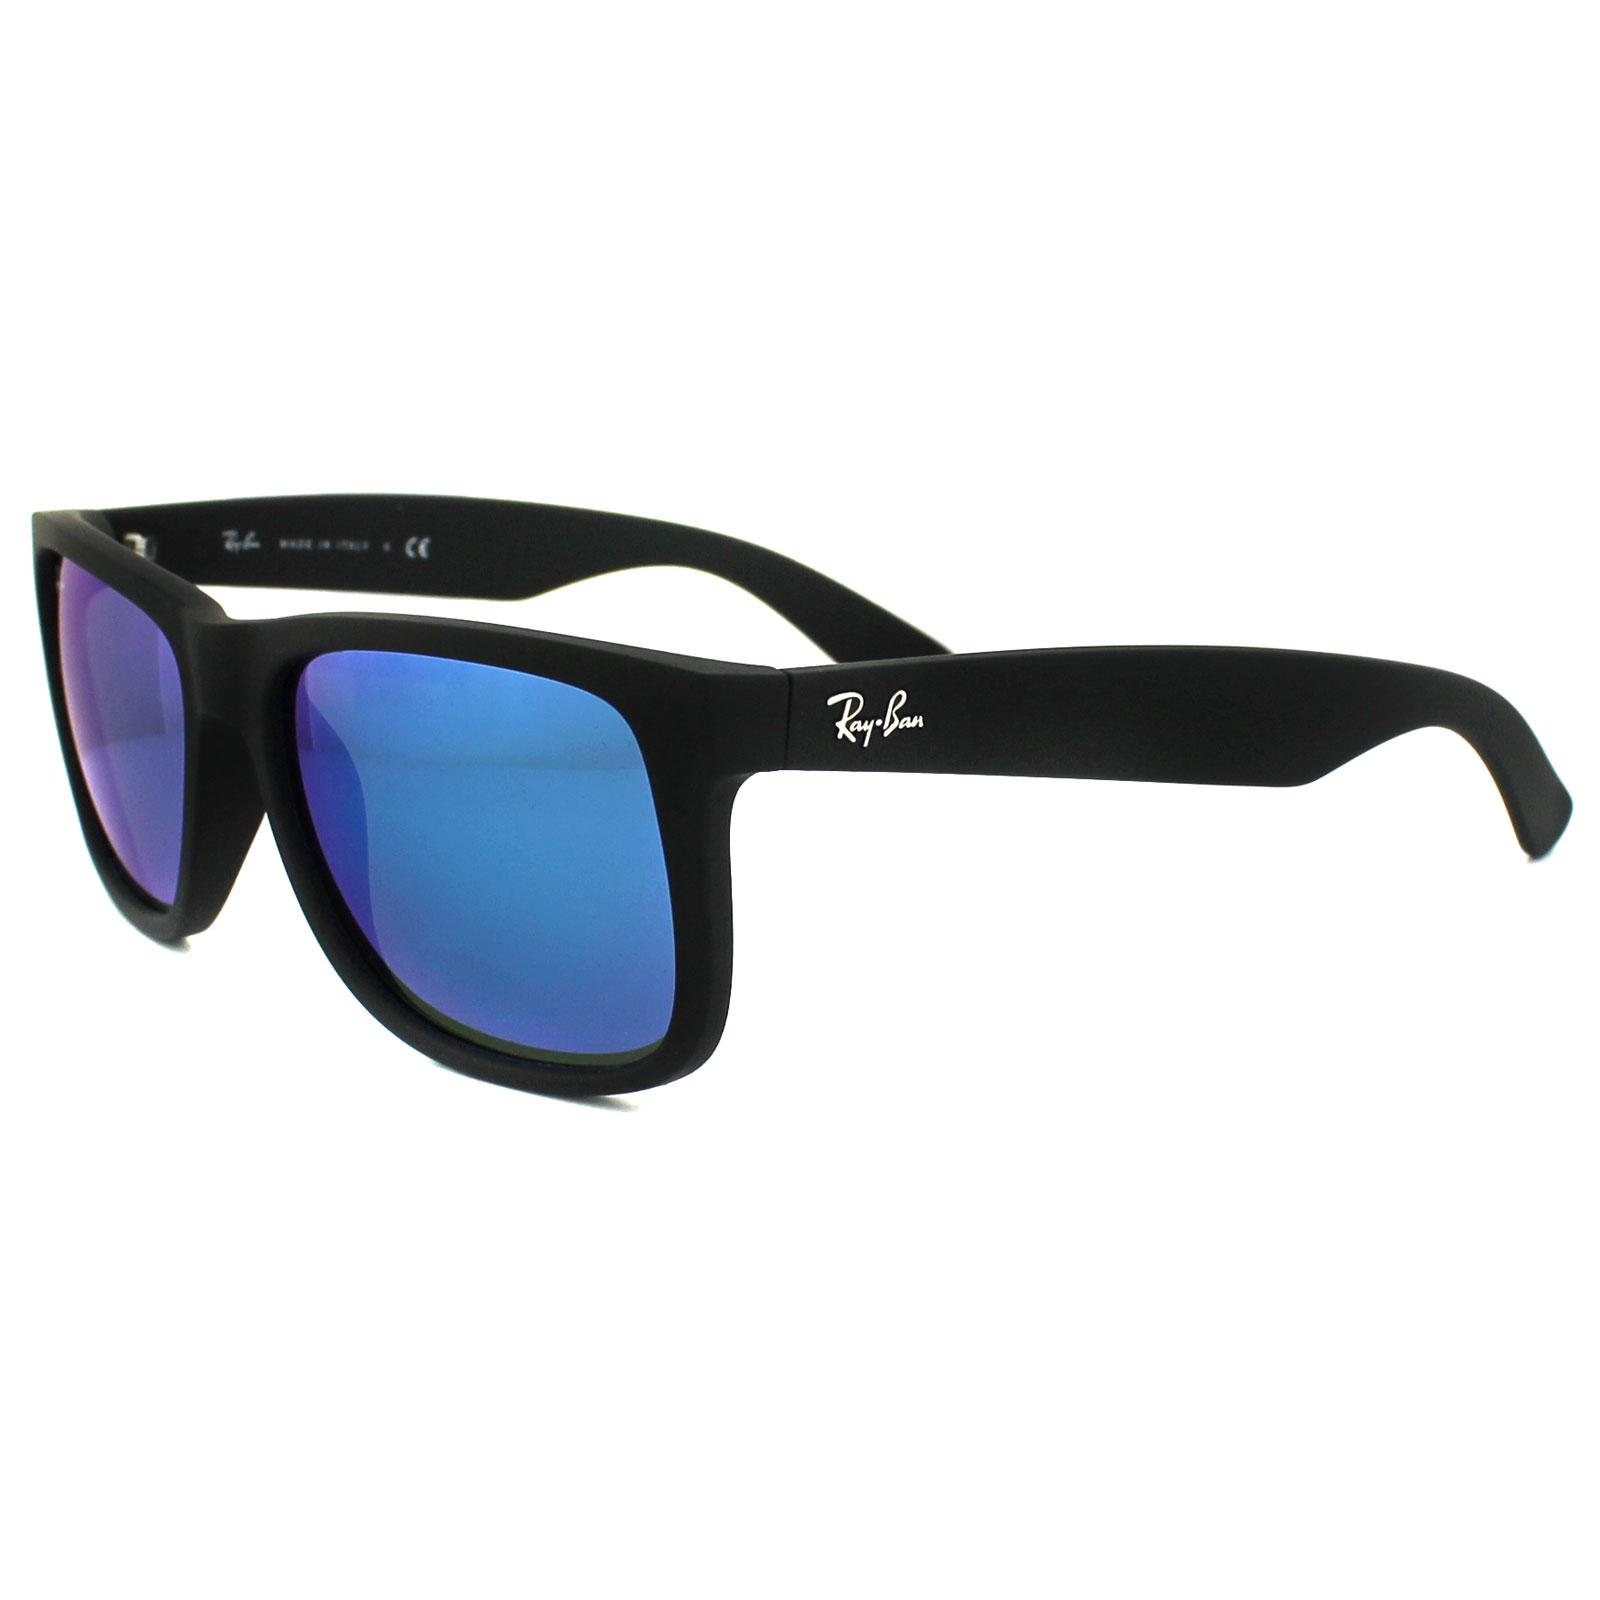 Ray ban occhiali da sole justin 4165 622 55 gomma nera - Ray ban a specchio blu ...